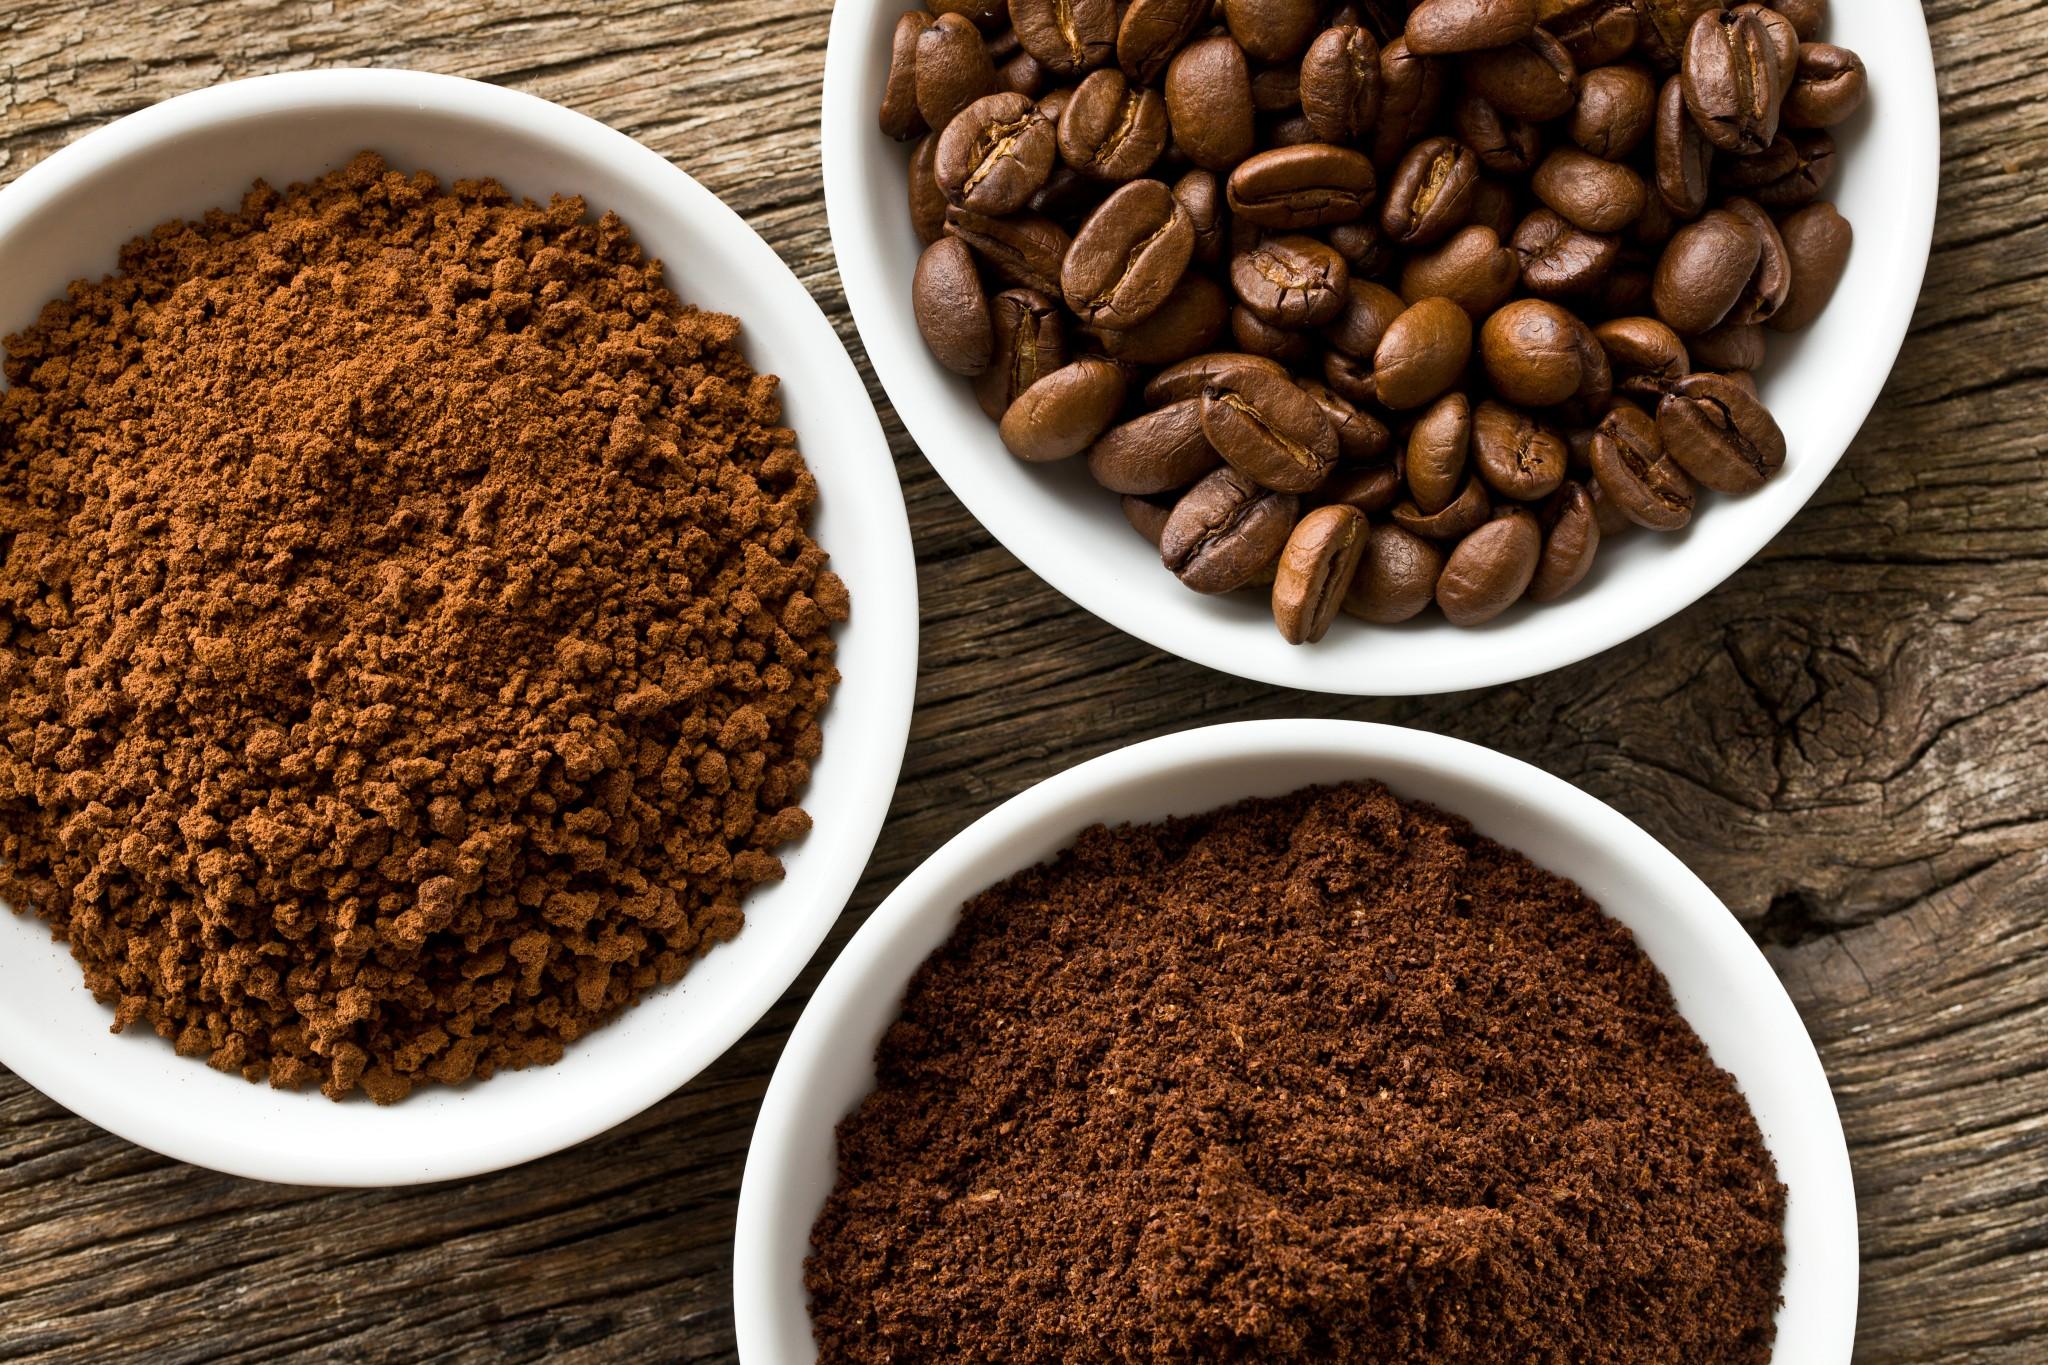 bột cafe khi xay bằng máy xay cafe 600n